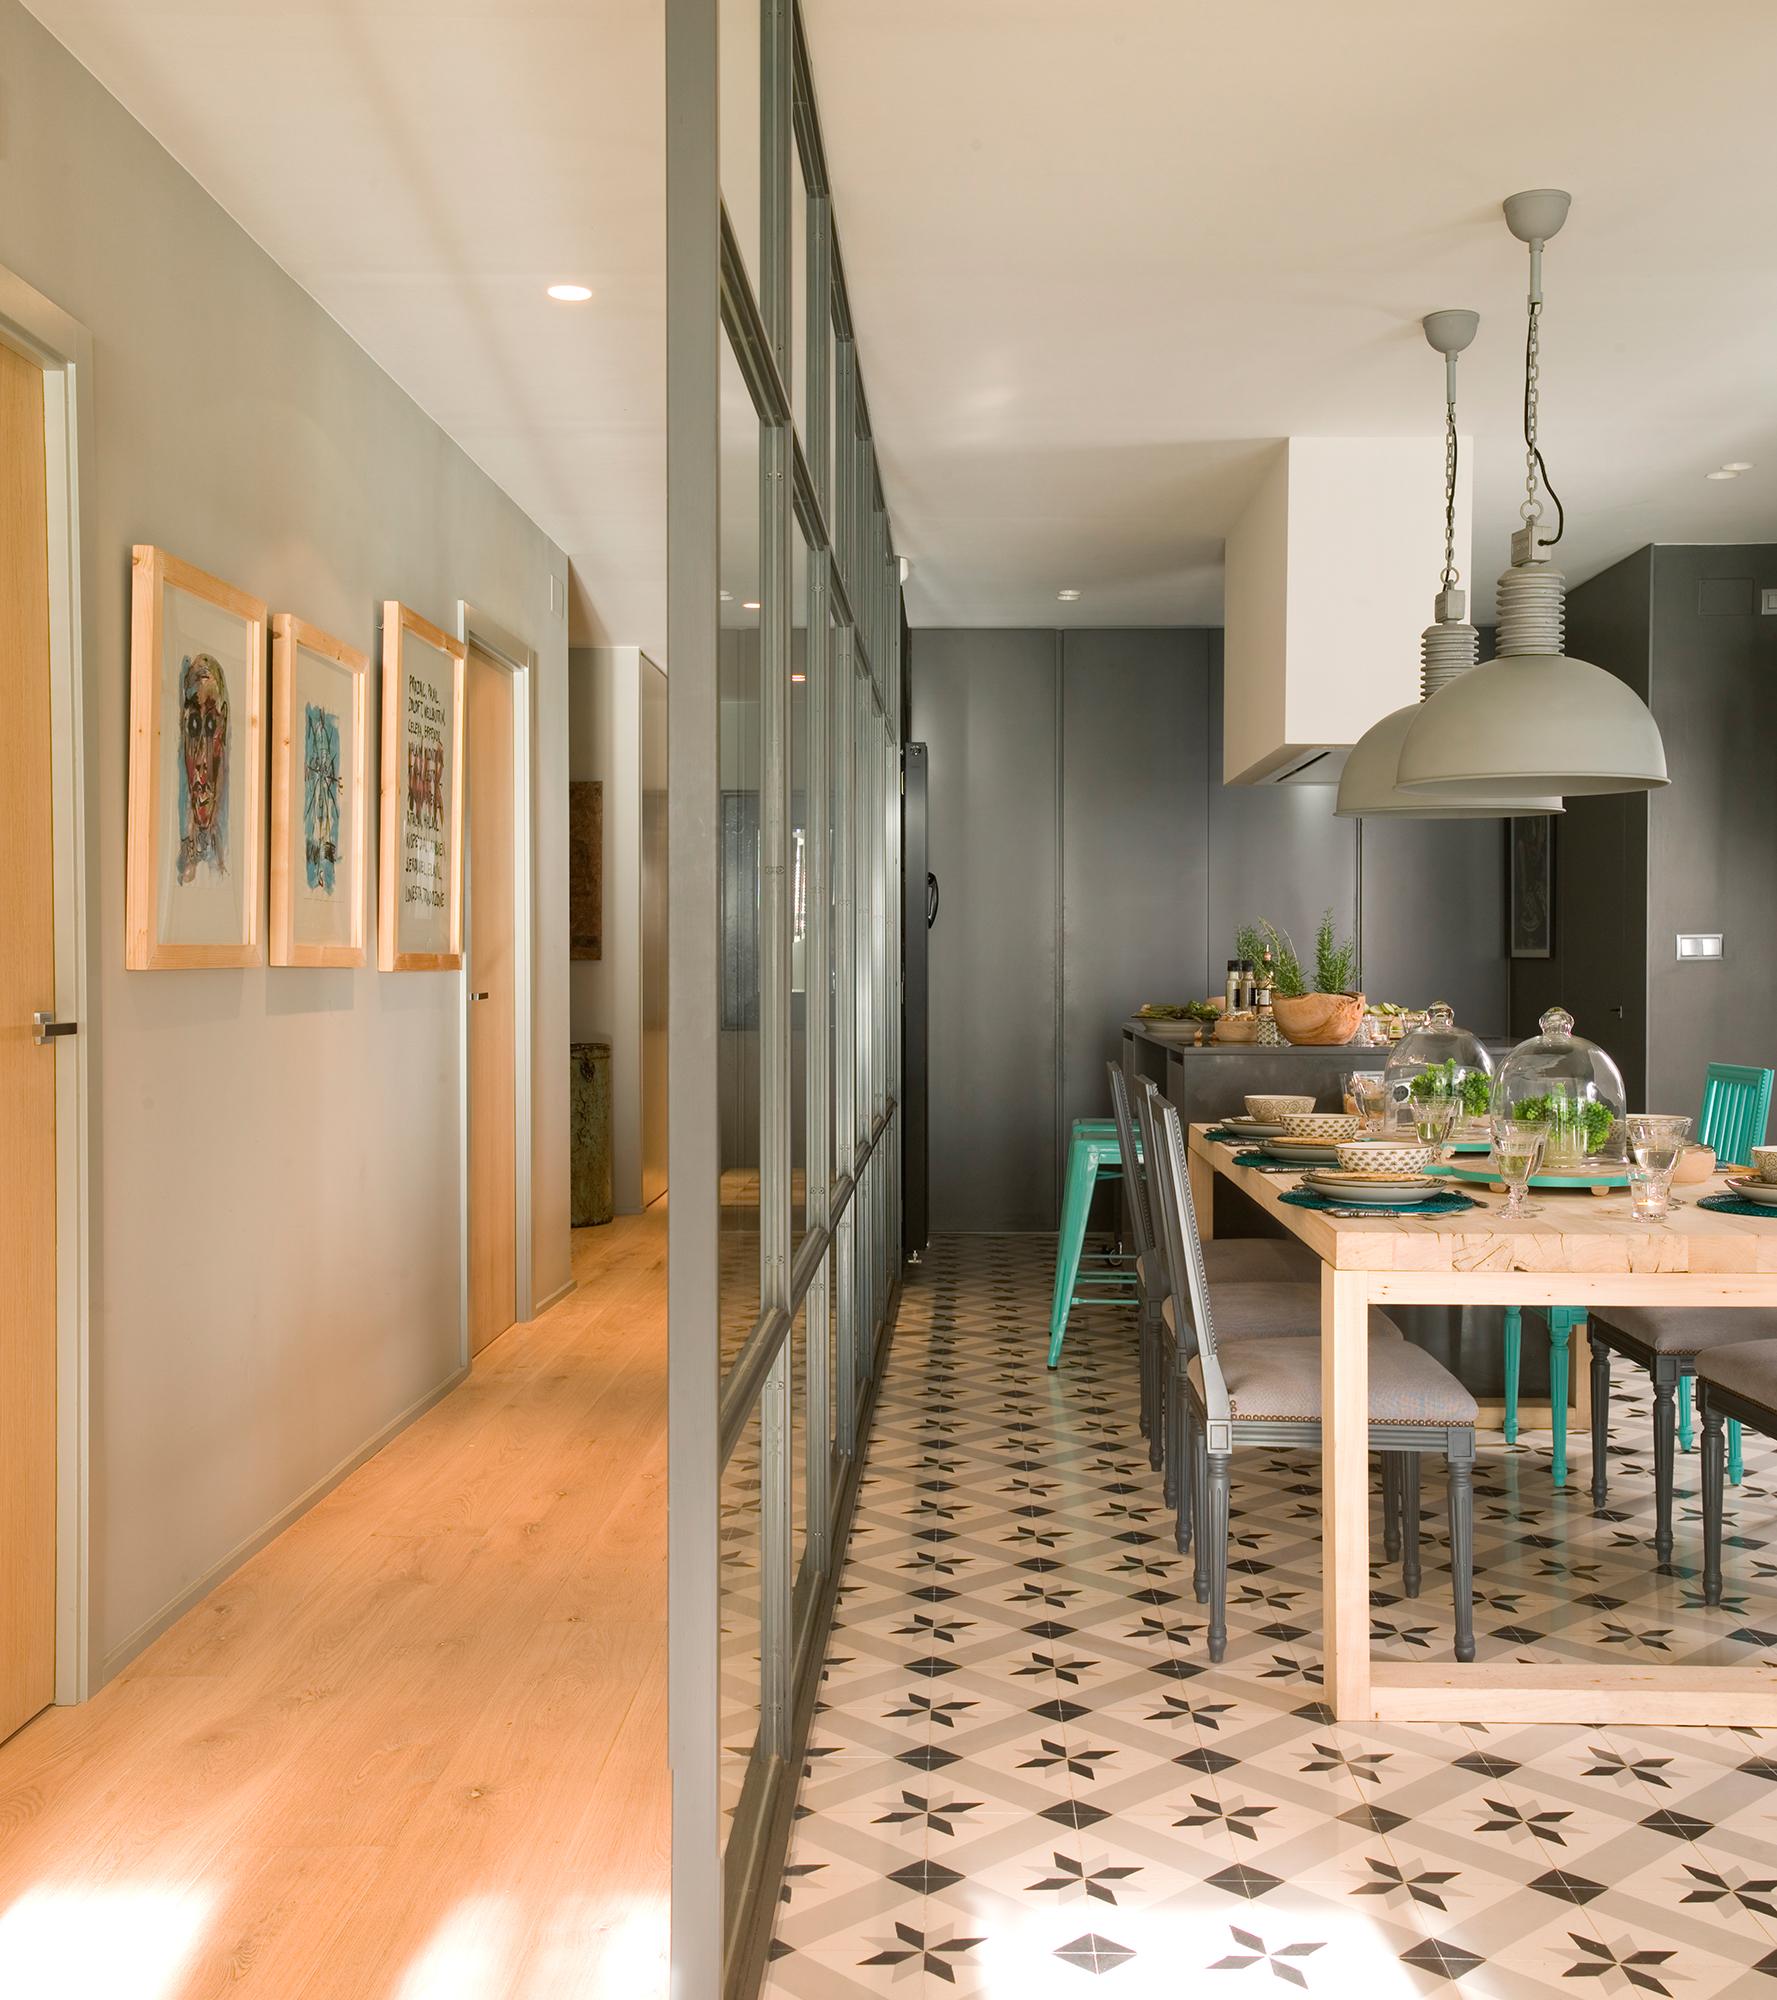 Pasillos: todo sobre la decoración de pasillos con encanto